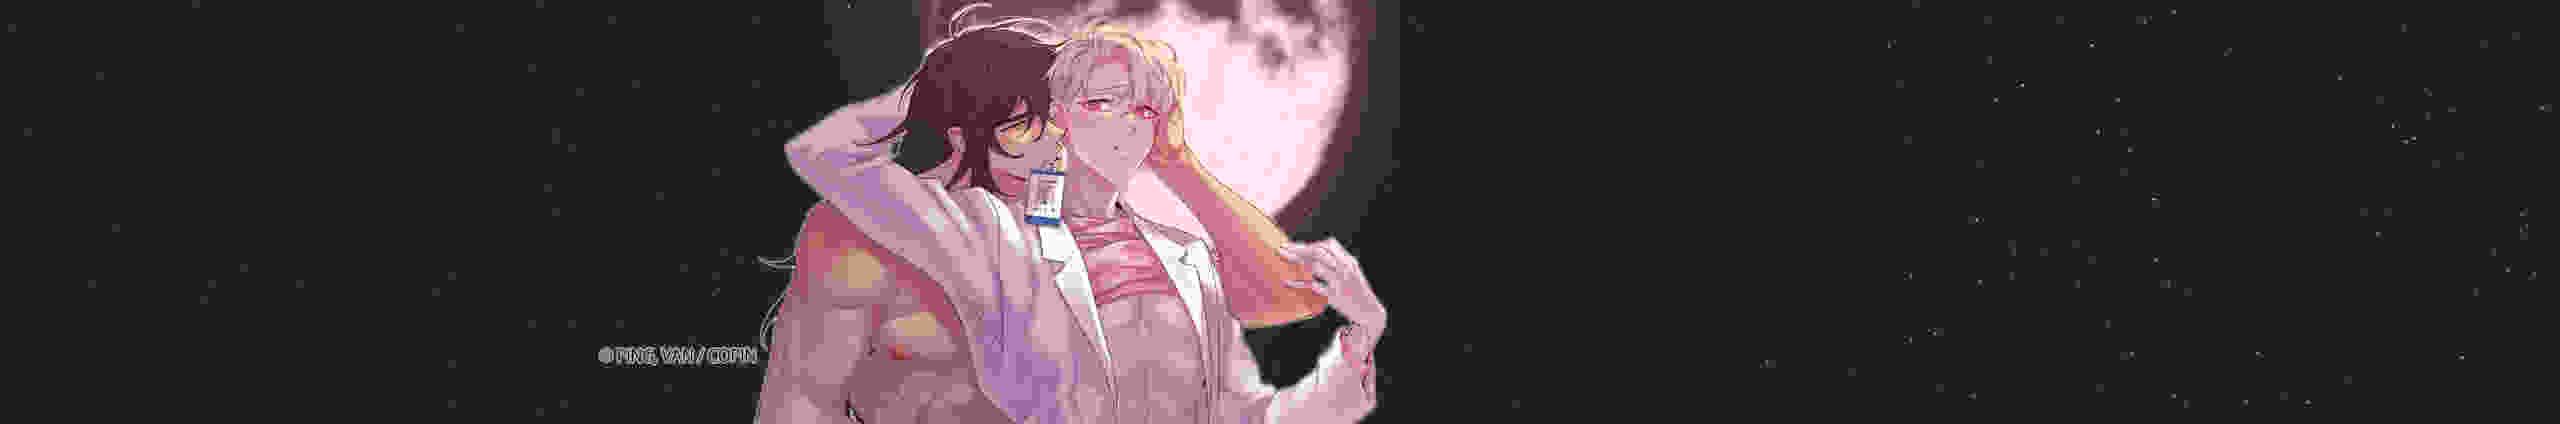 กระซิบรักใต้แสงจันทร์